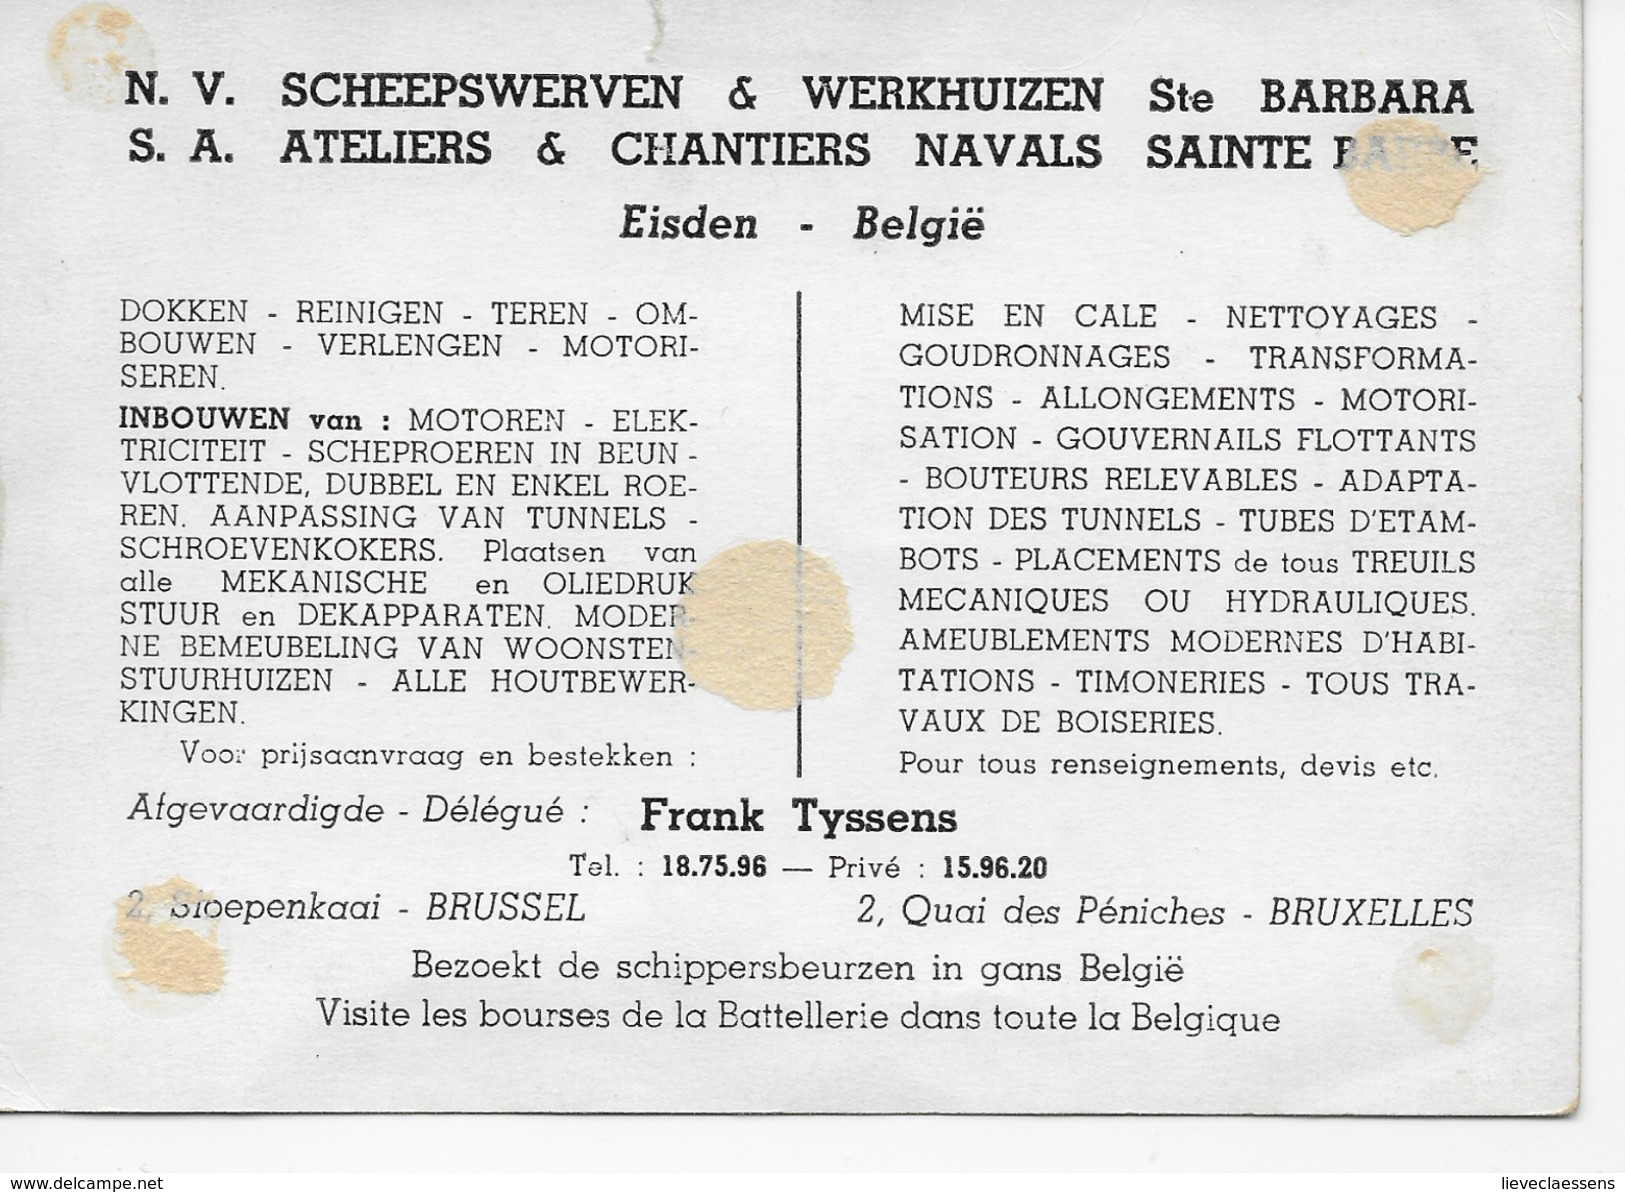 Eisden : Scheepswerven & Werkhuizen Ste Barbara - Maasmechelen